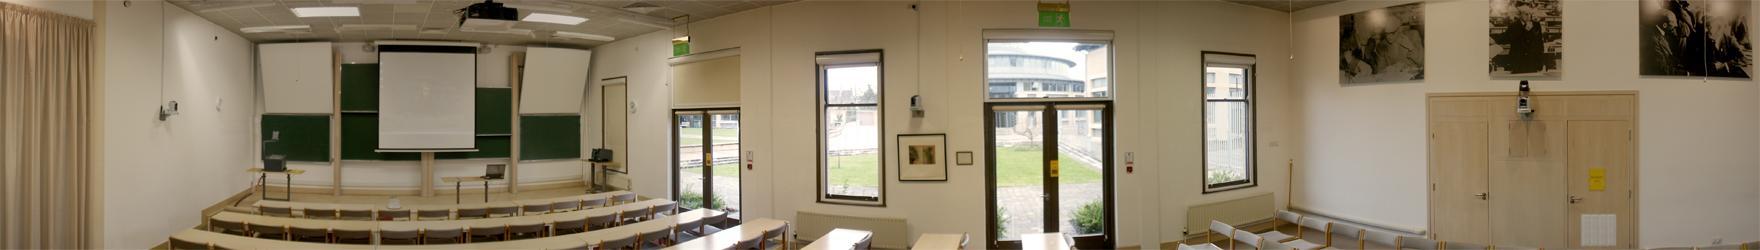 view of Seminar Room 1